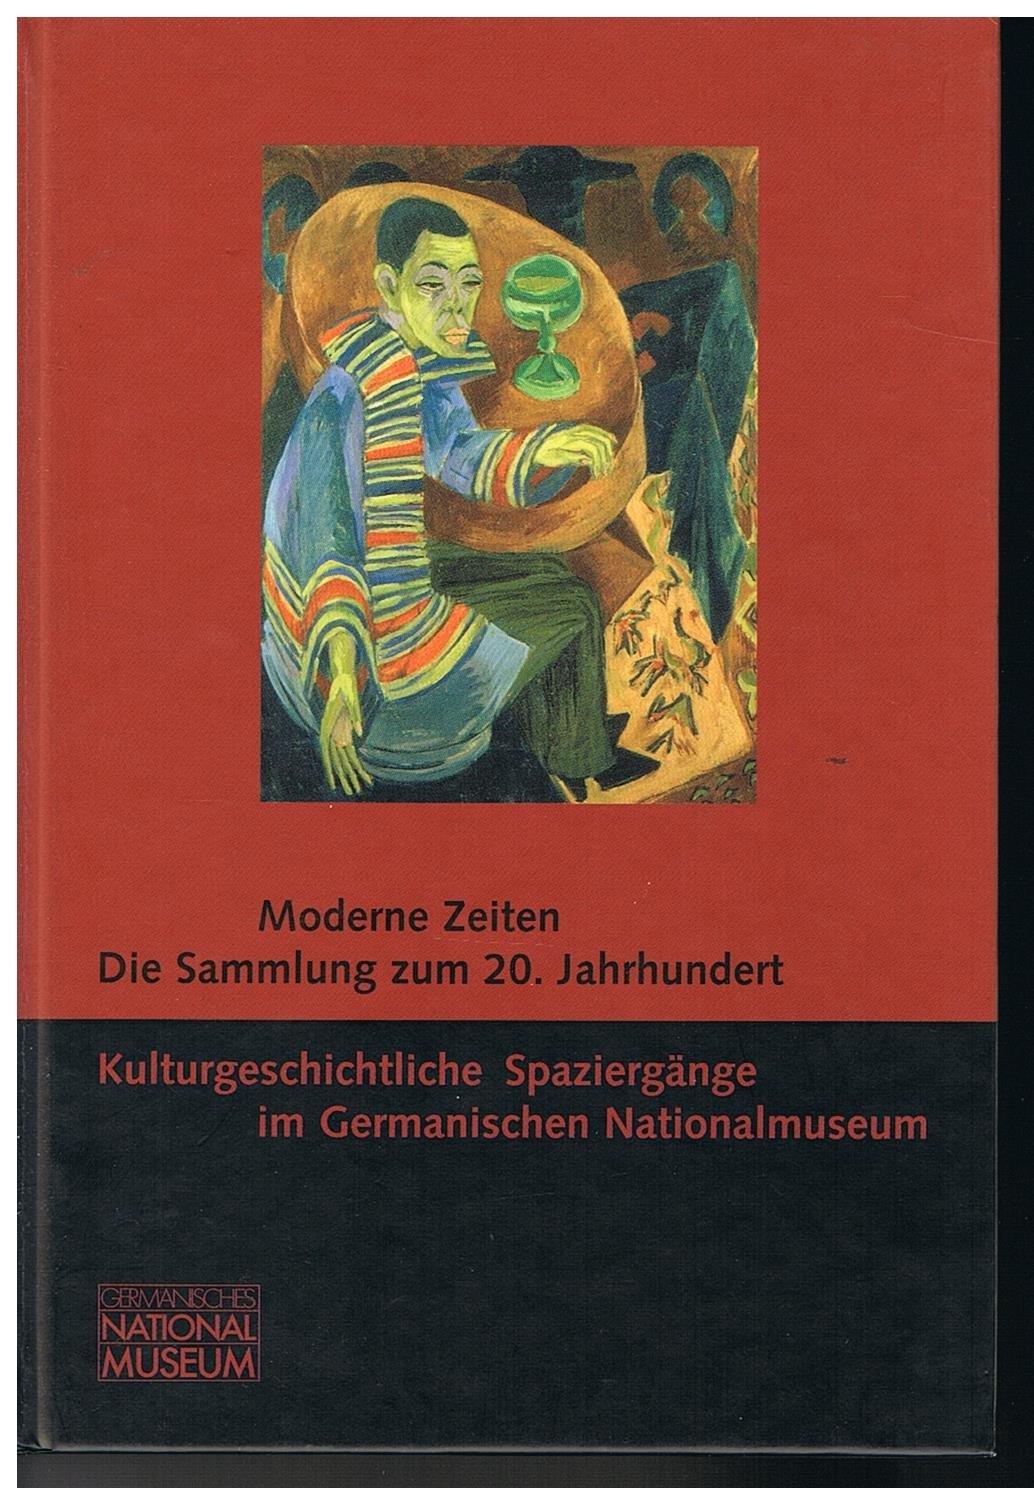 Read Online Moderne Zeiten: Die Sammlung zum 20. Jahrhundert (Kulturgeschichtliche Spaziergänge im Germanischen Nationalmuseum) (German Edition) PDF